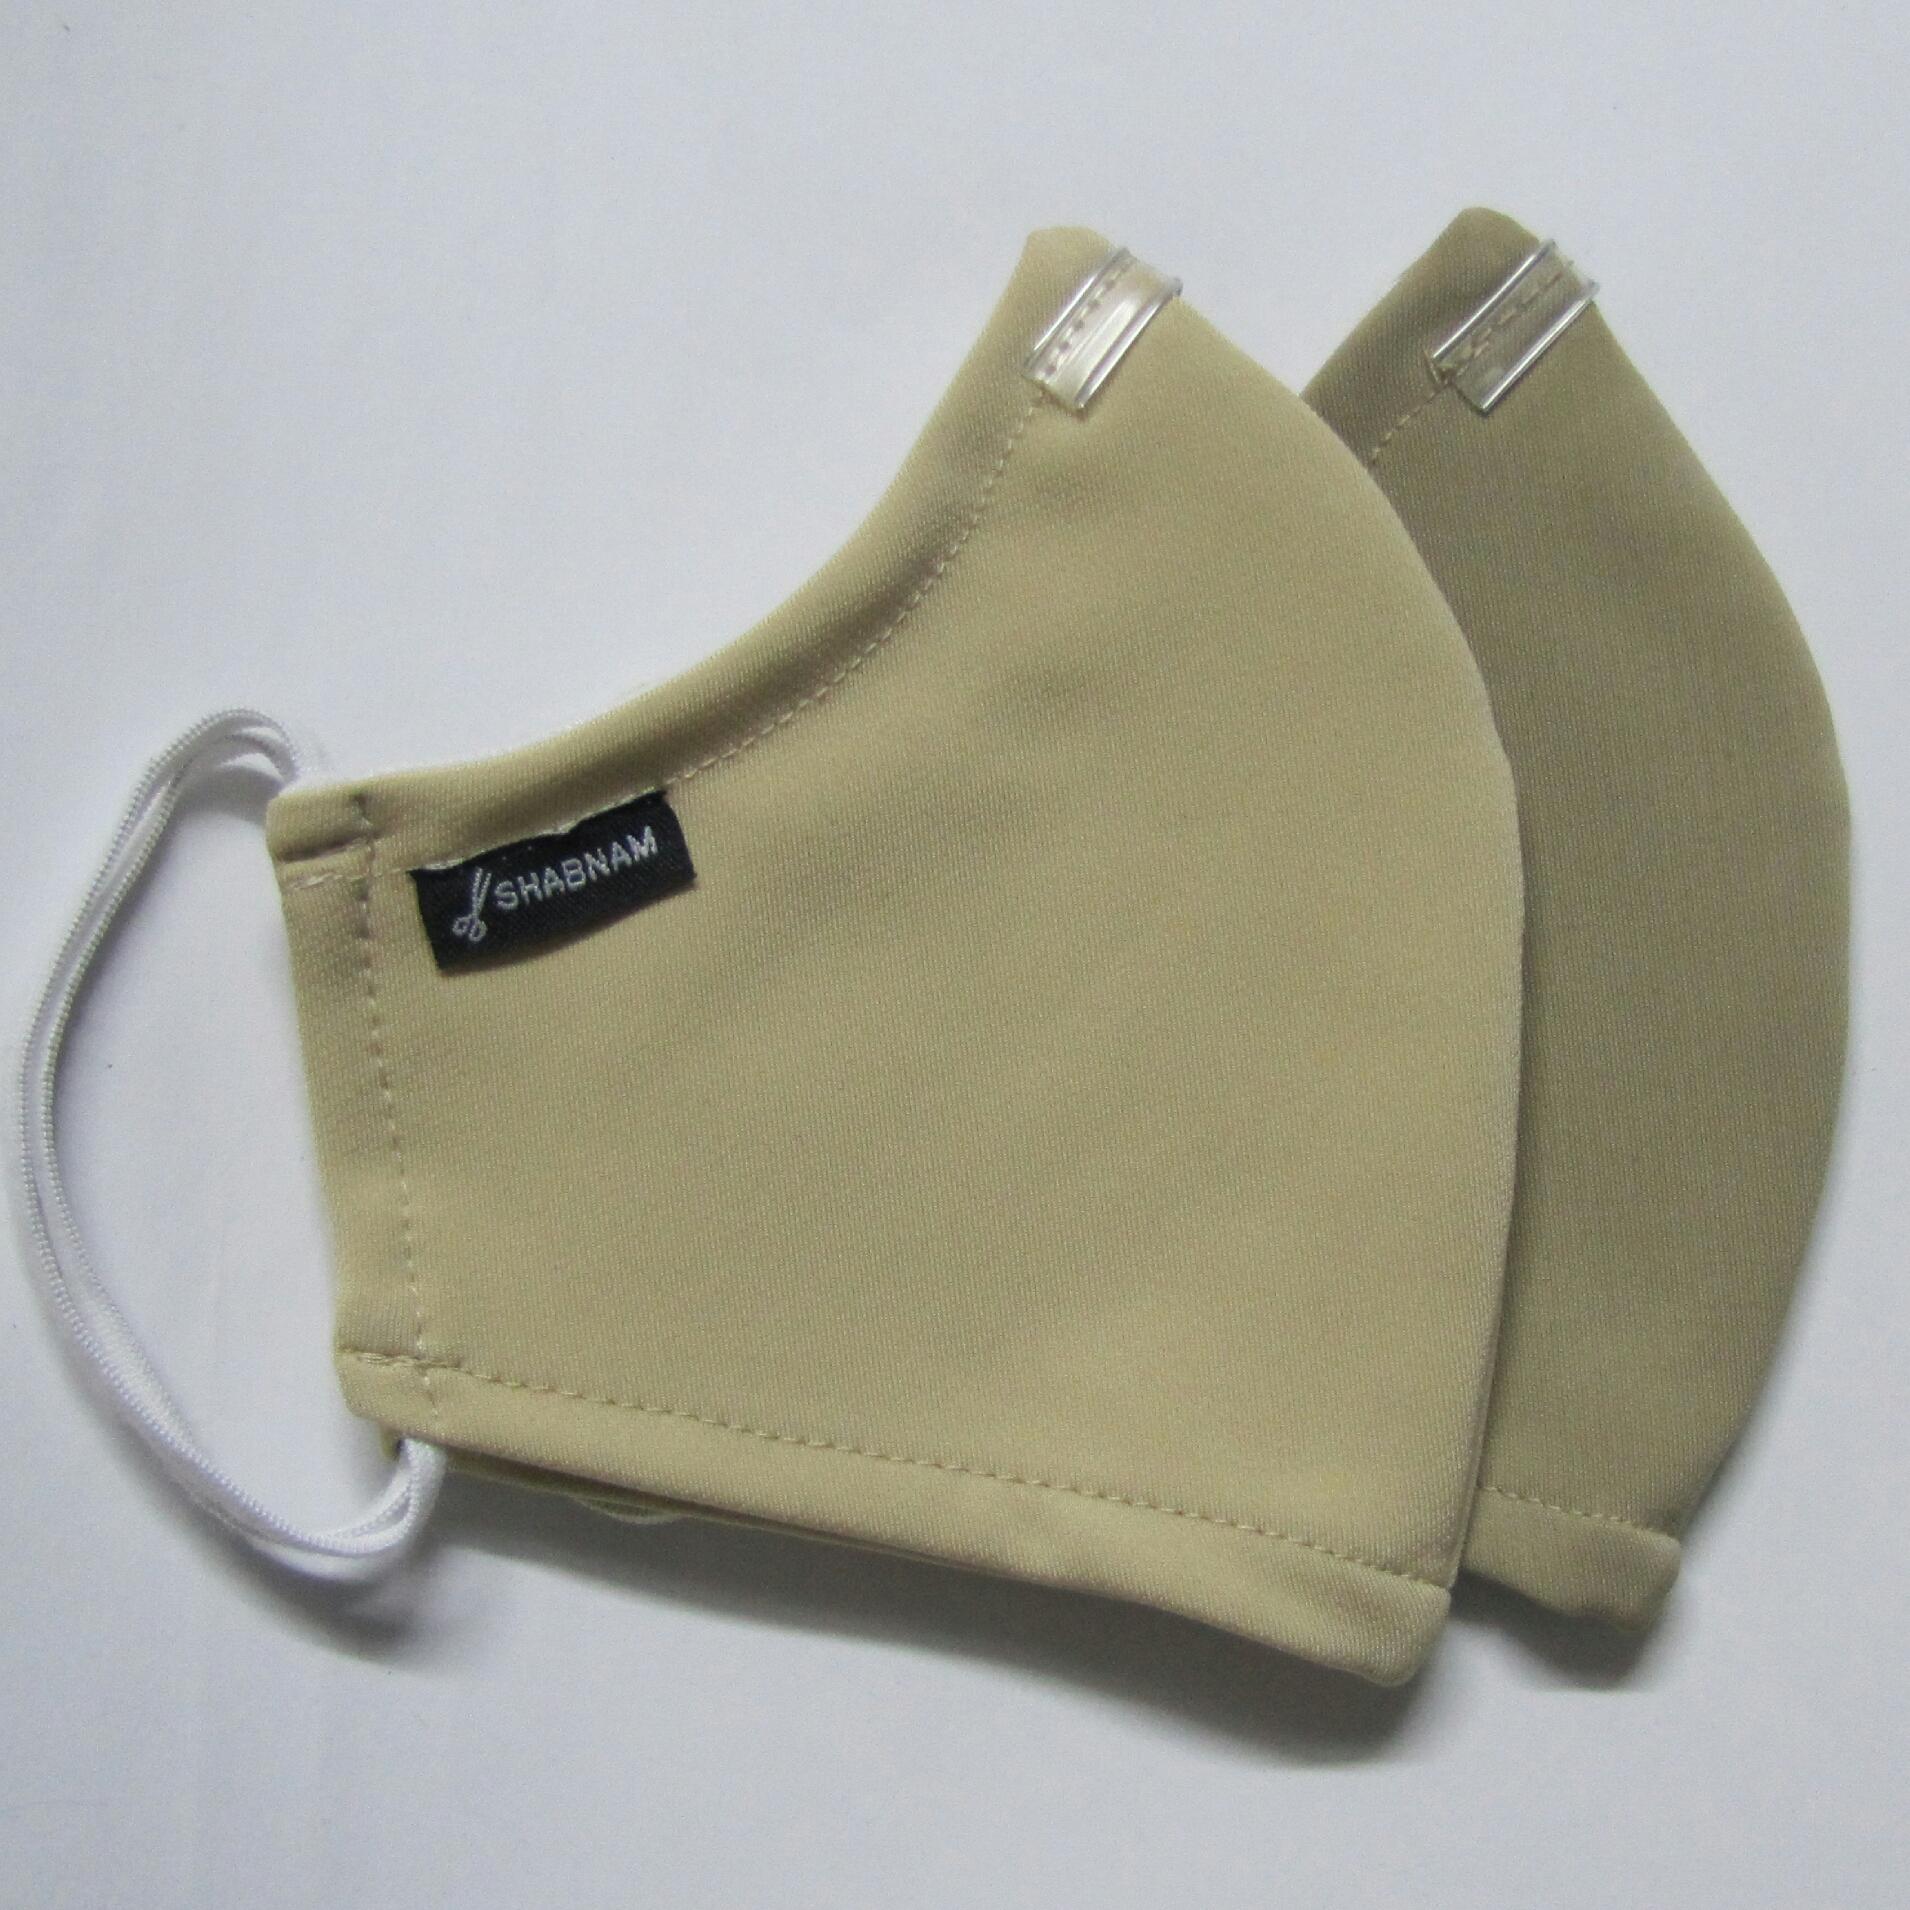 ماسک پارچه ای مدل mgh1 main 1 15